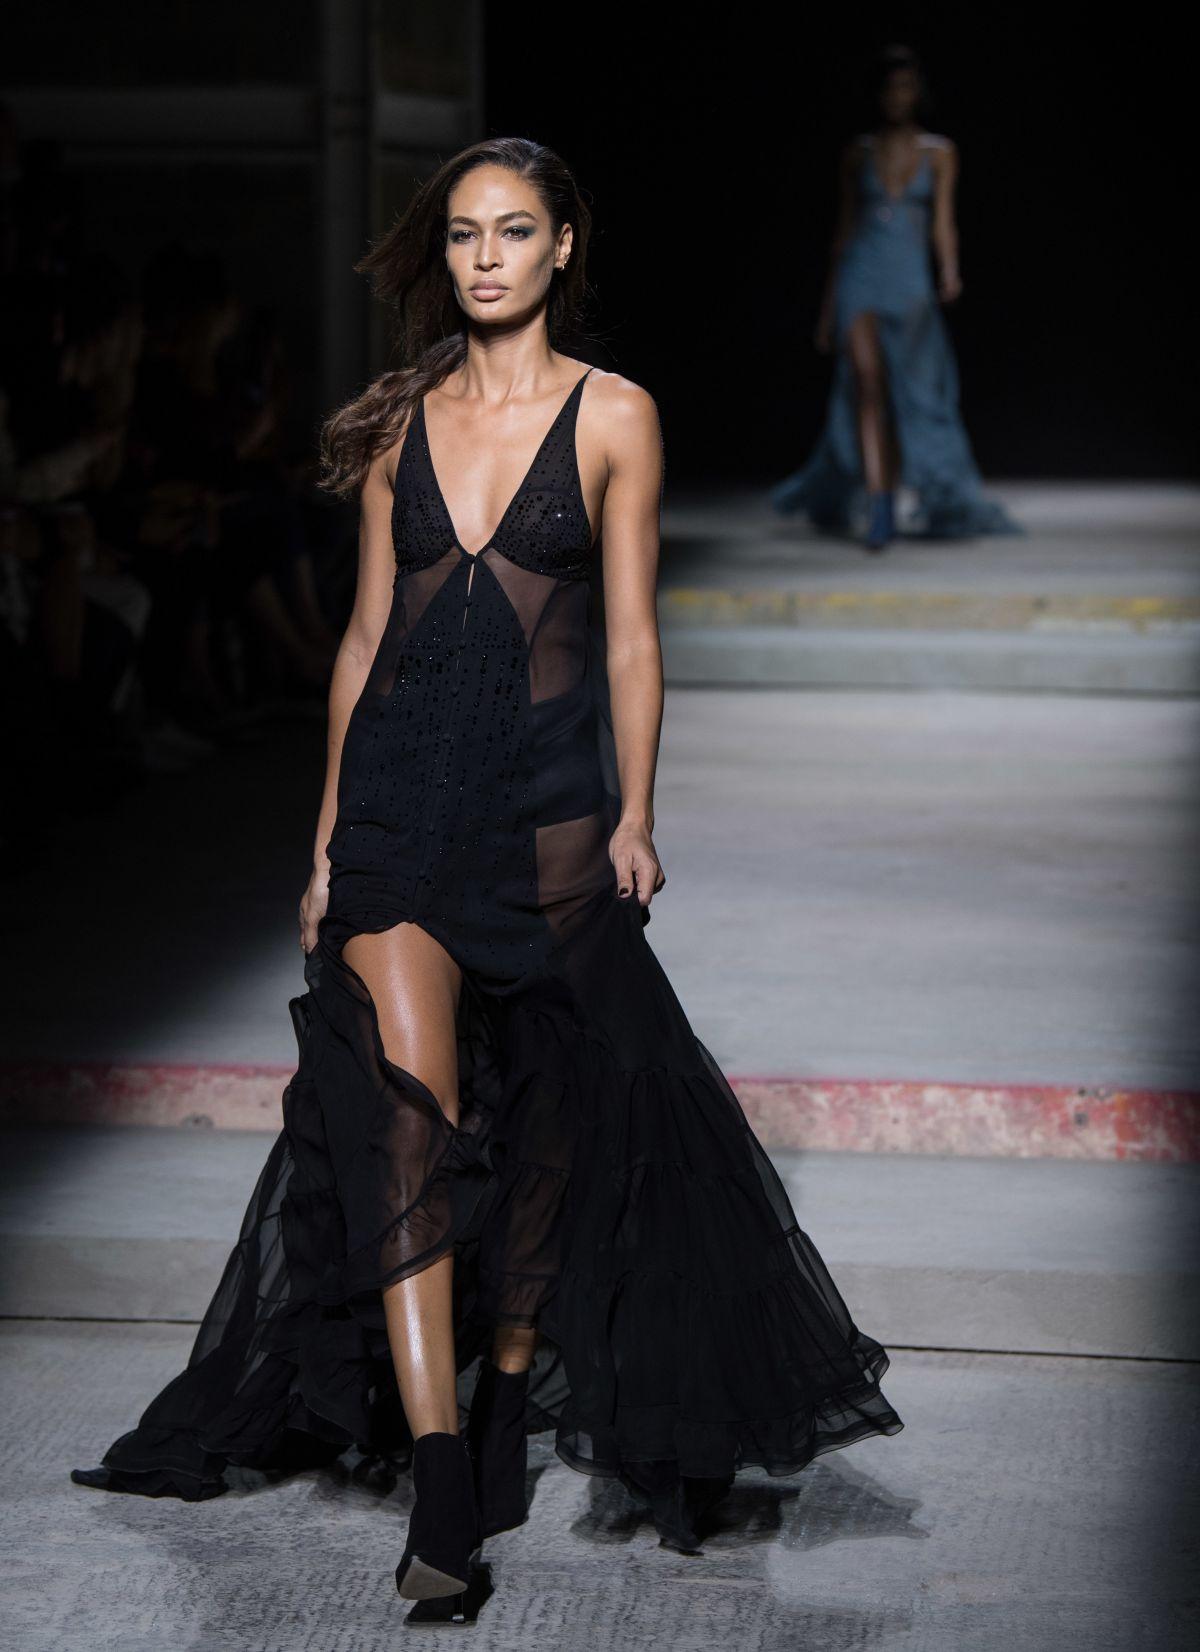 Models at london fashion week 97